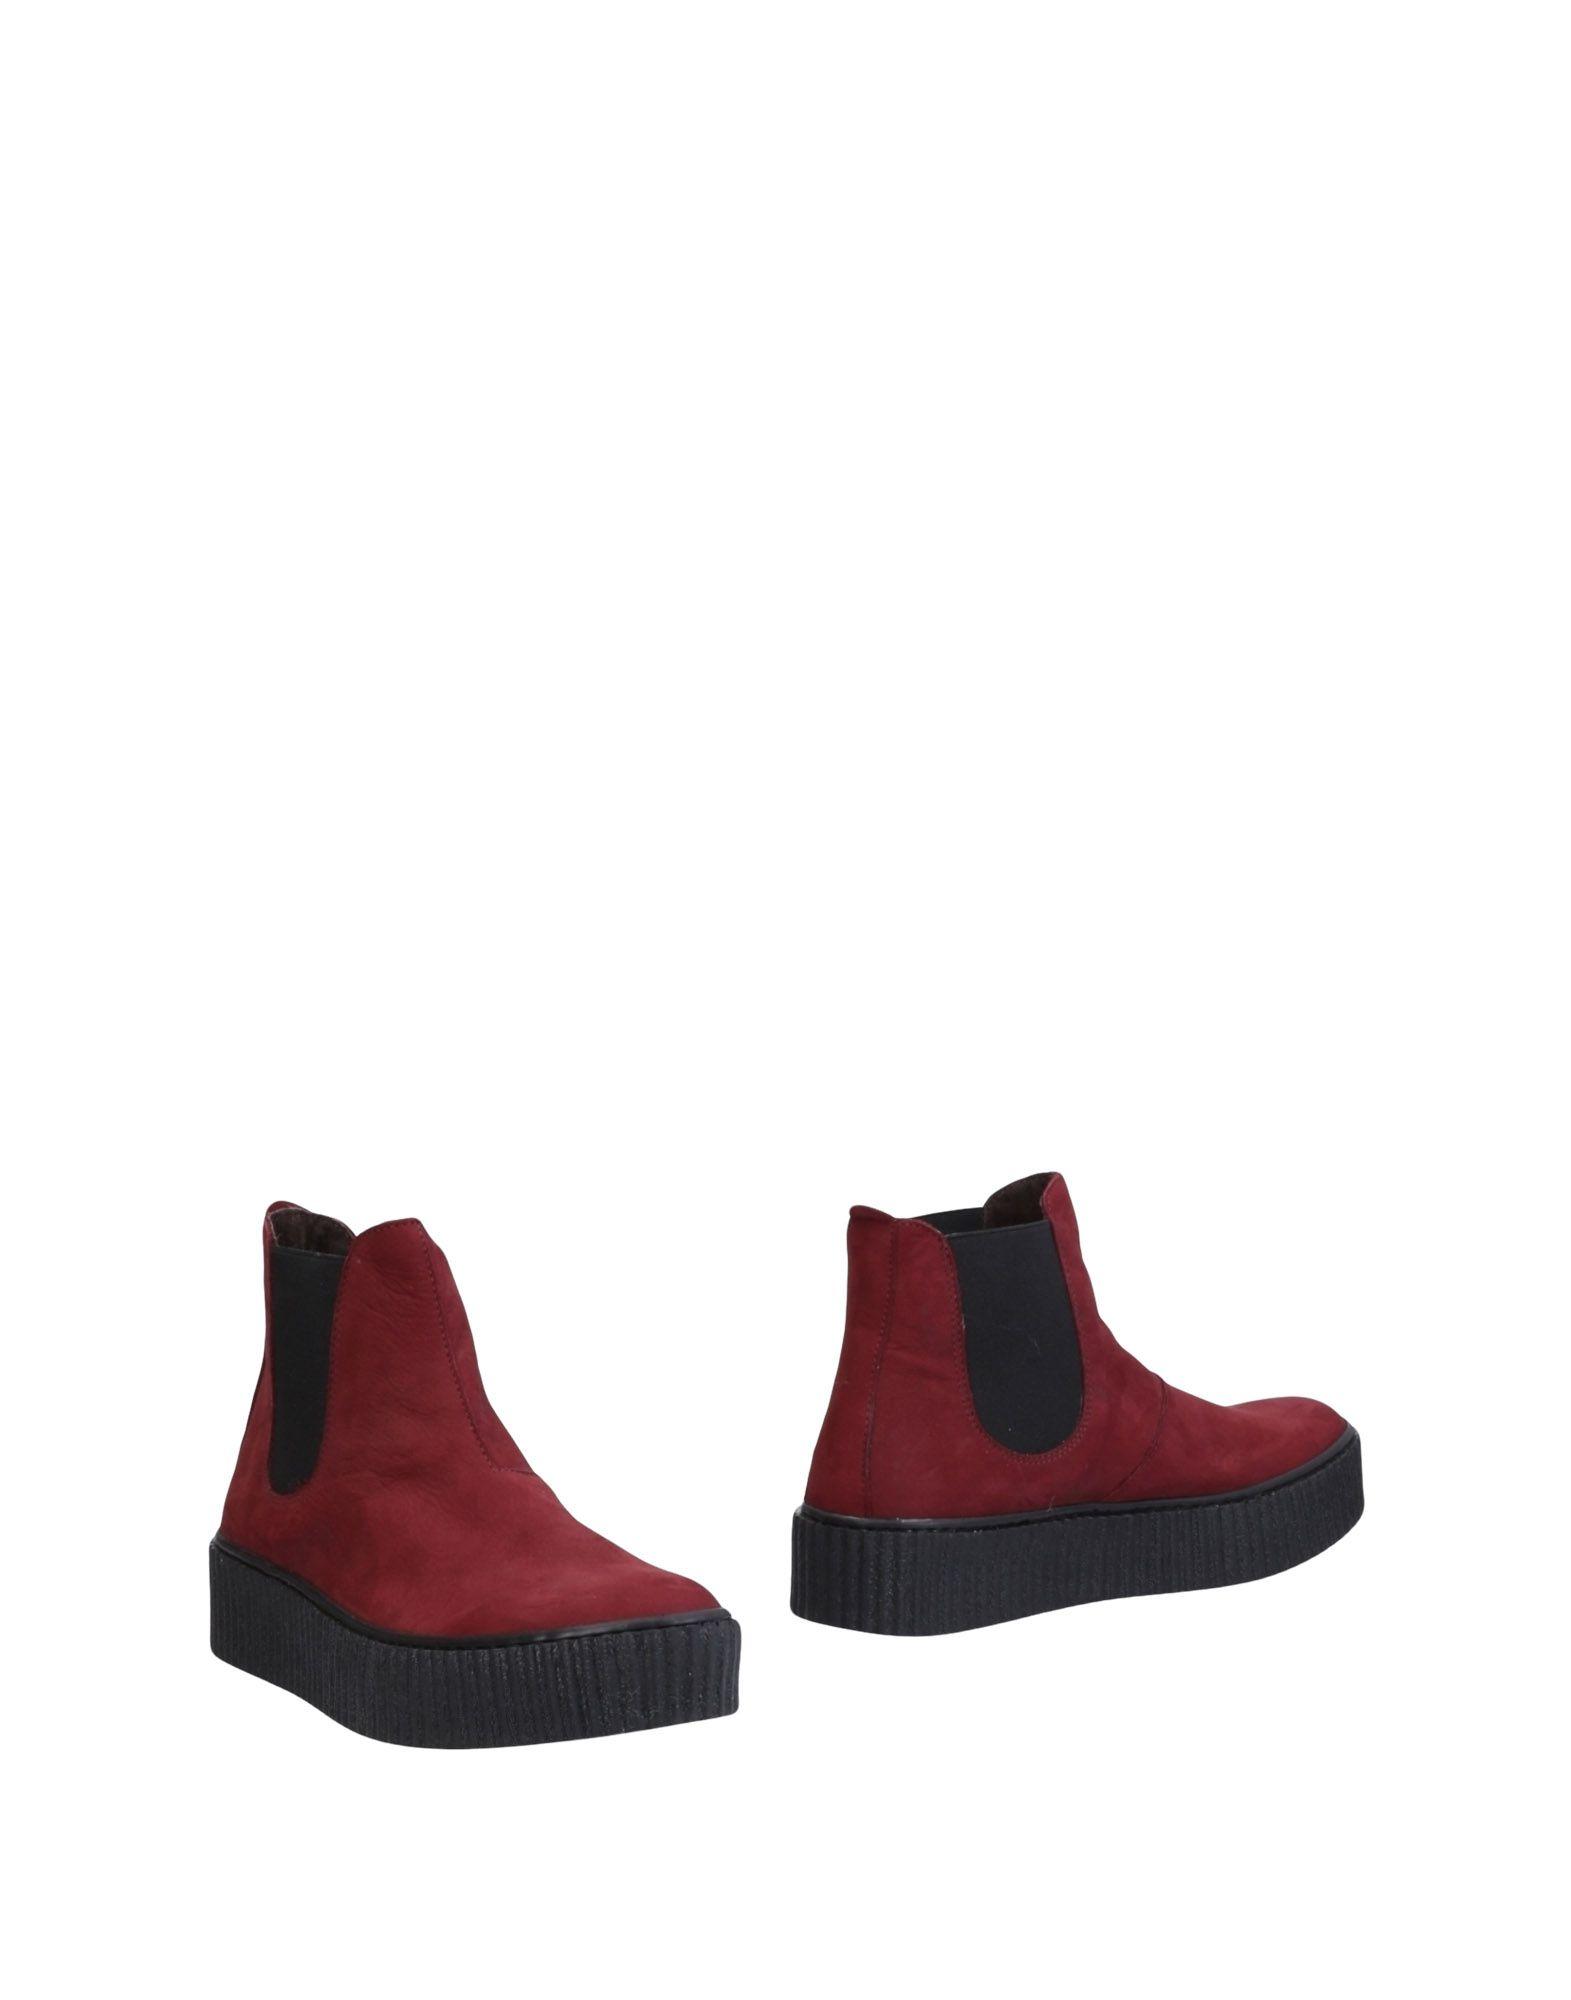 Tsd12 Chelsea Boots Damen  11453999HD Gute Qualität beliebte Schuhe